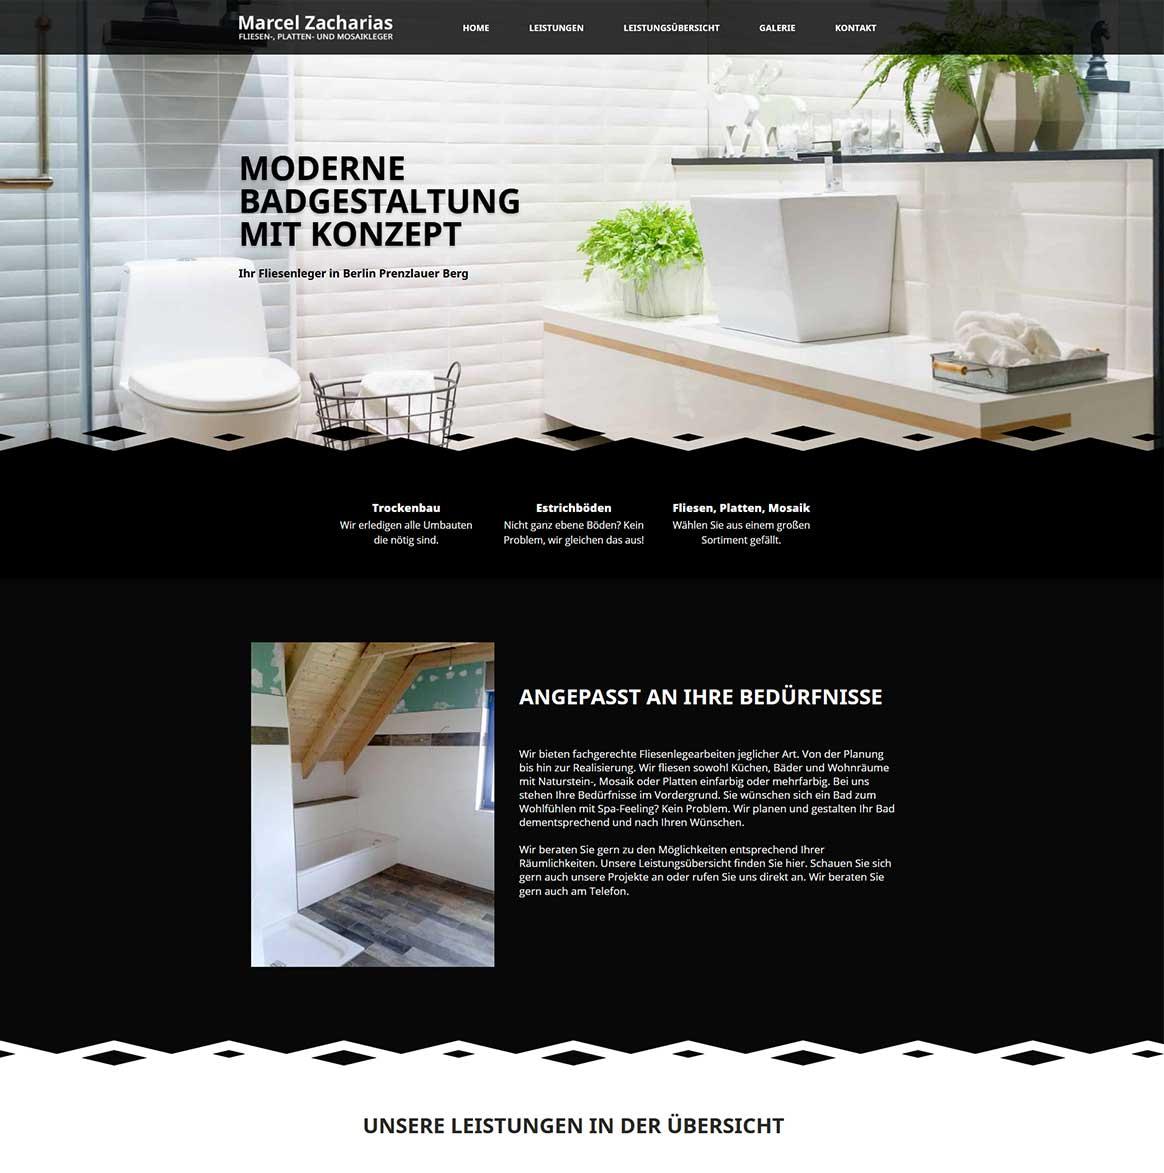 Webdesign Grafik der Webseite Fliesenleger Marcel Zacharias